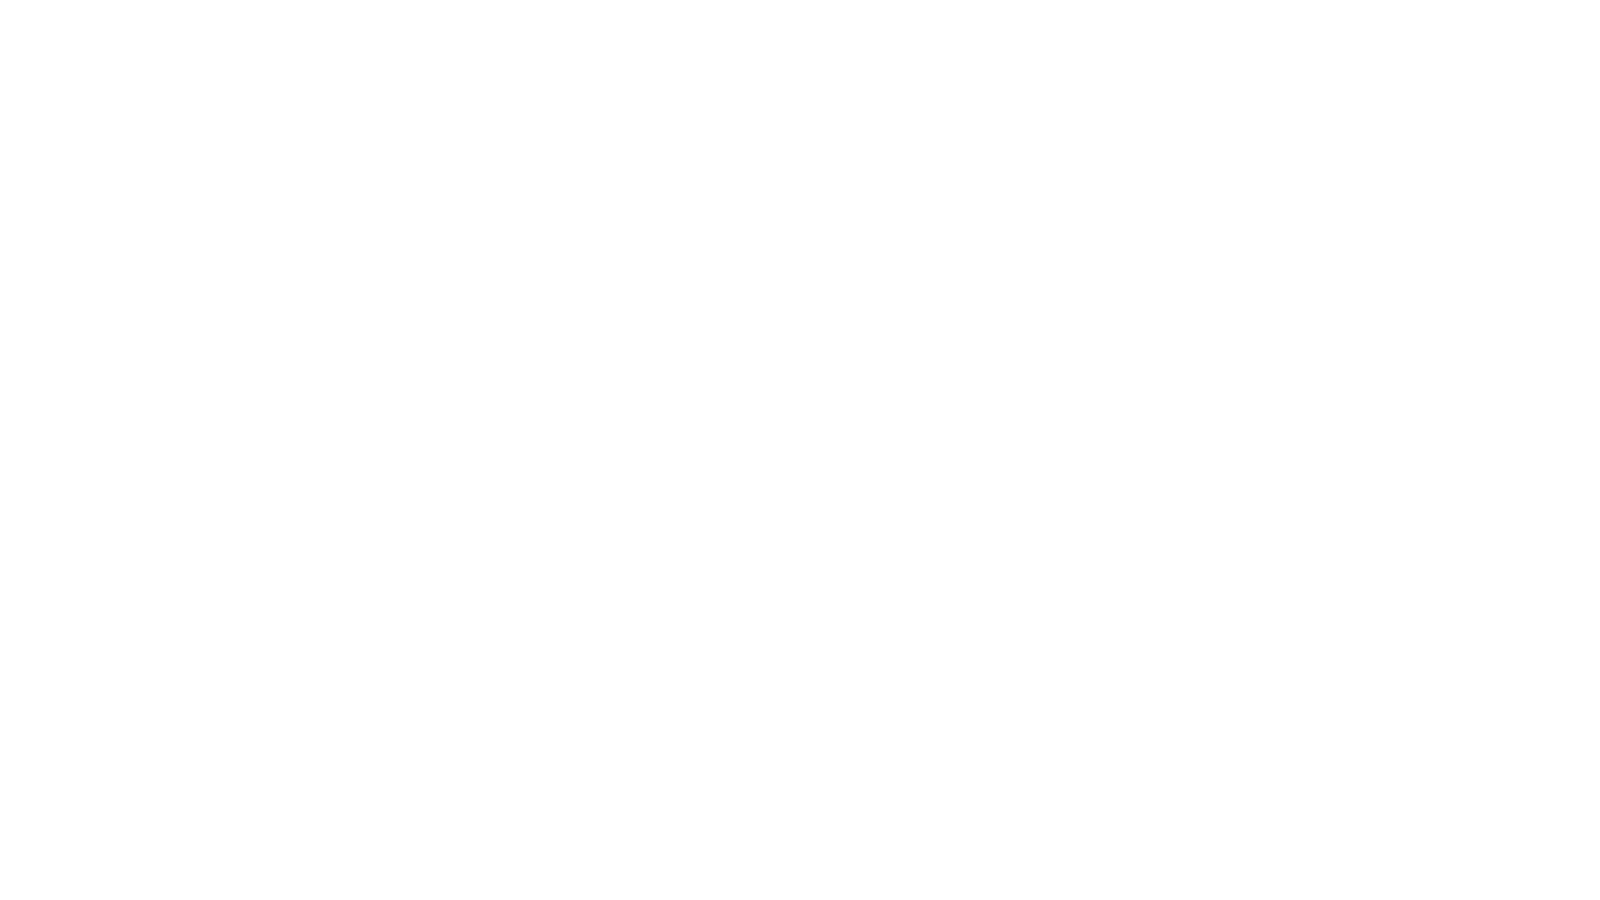 ESTAMOS PRONTOS! O setor de Bares, Restaurantes e Eventos está parado há mais de 100 dias  NÃO PODEMOS MORRER!!!! Estamos prontos para retomar os atendimentos com todo o CUIDADO aos nosso clientes  Abrasel RMC #estamosprontos  #abrasel #uniaoquetransforma #juntossomosmaisfortes #covid19 #coronavirus #bar #restaurante #noiteemfoco #campinas #abraselrmc